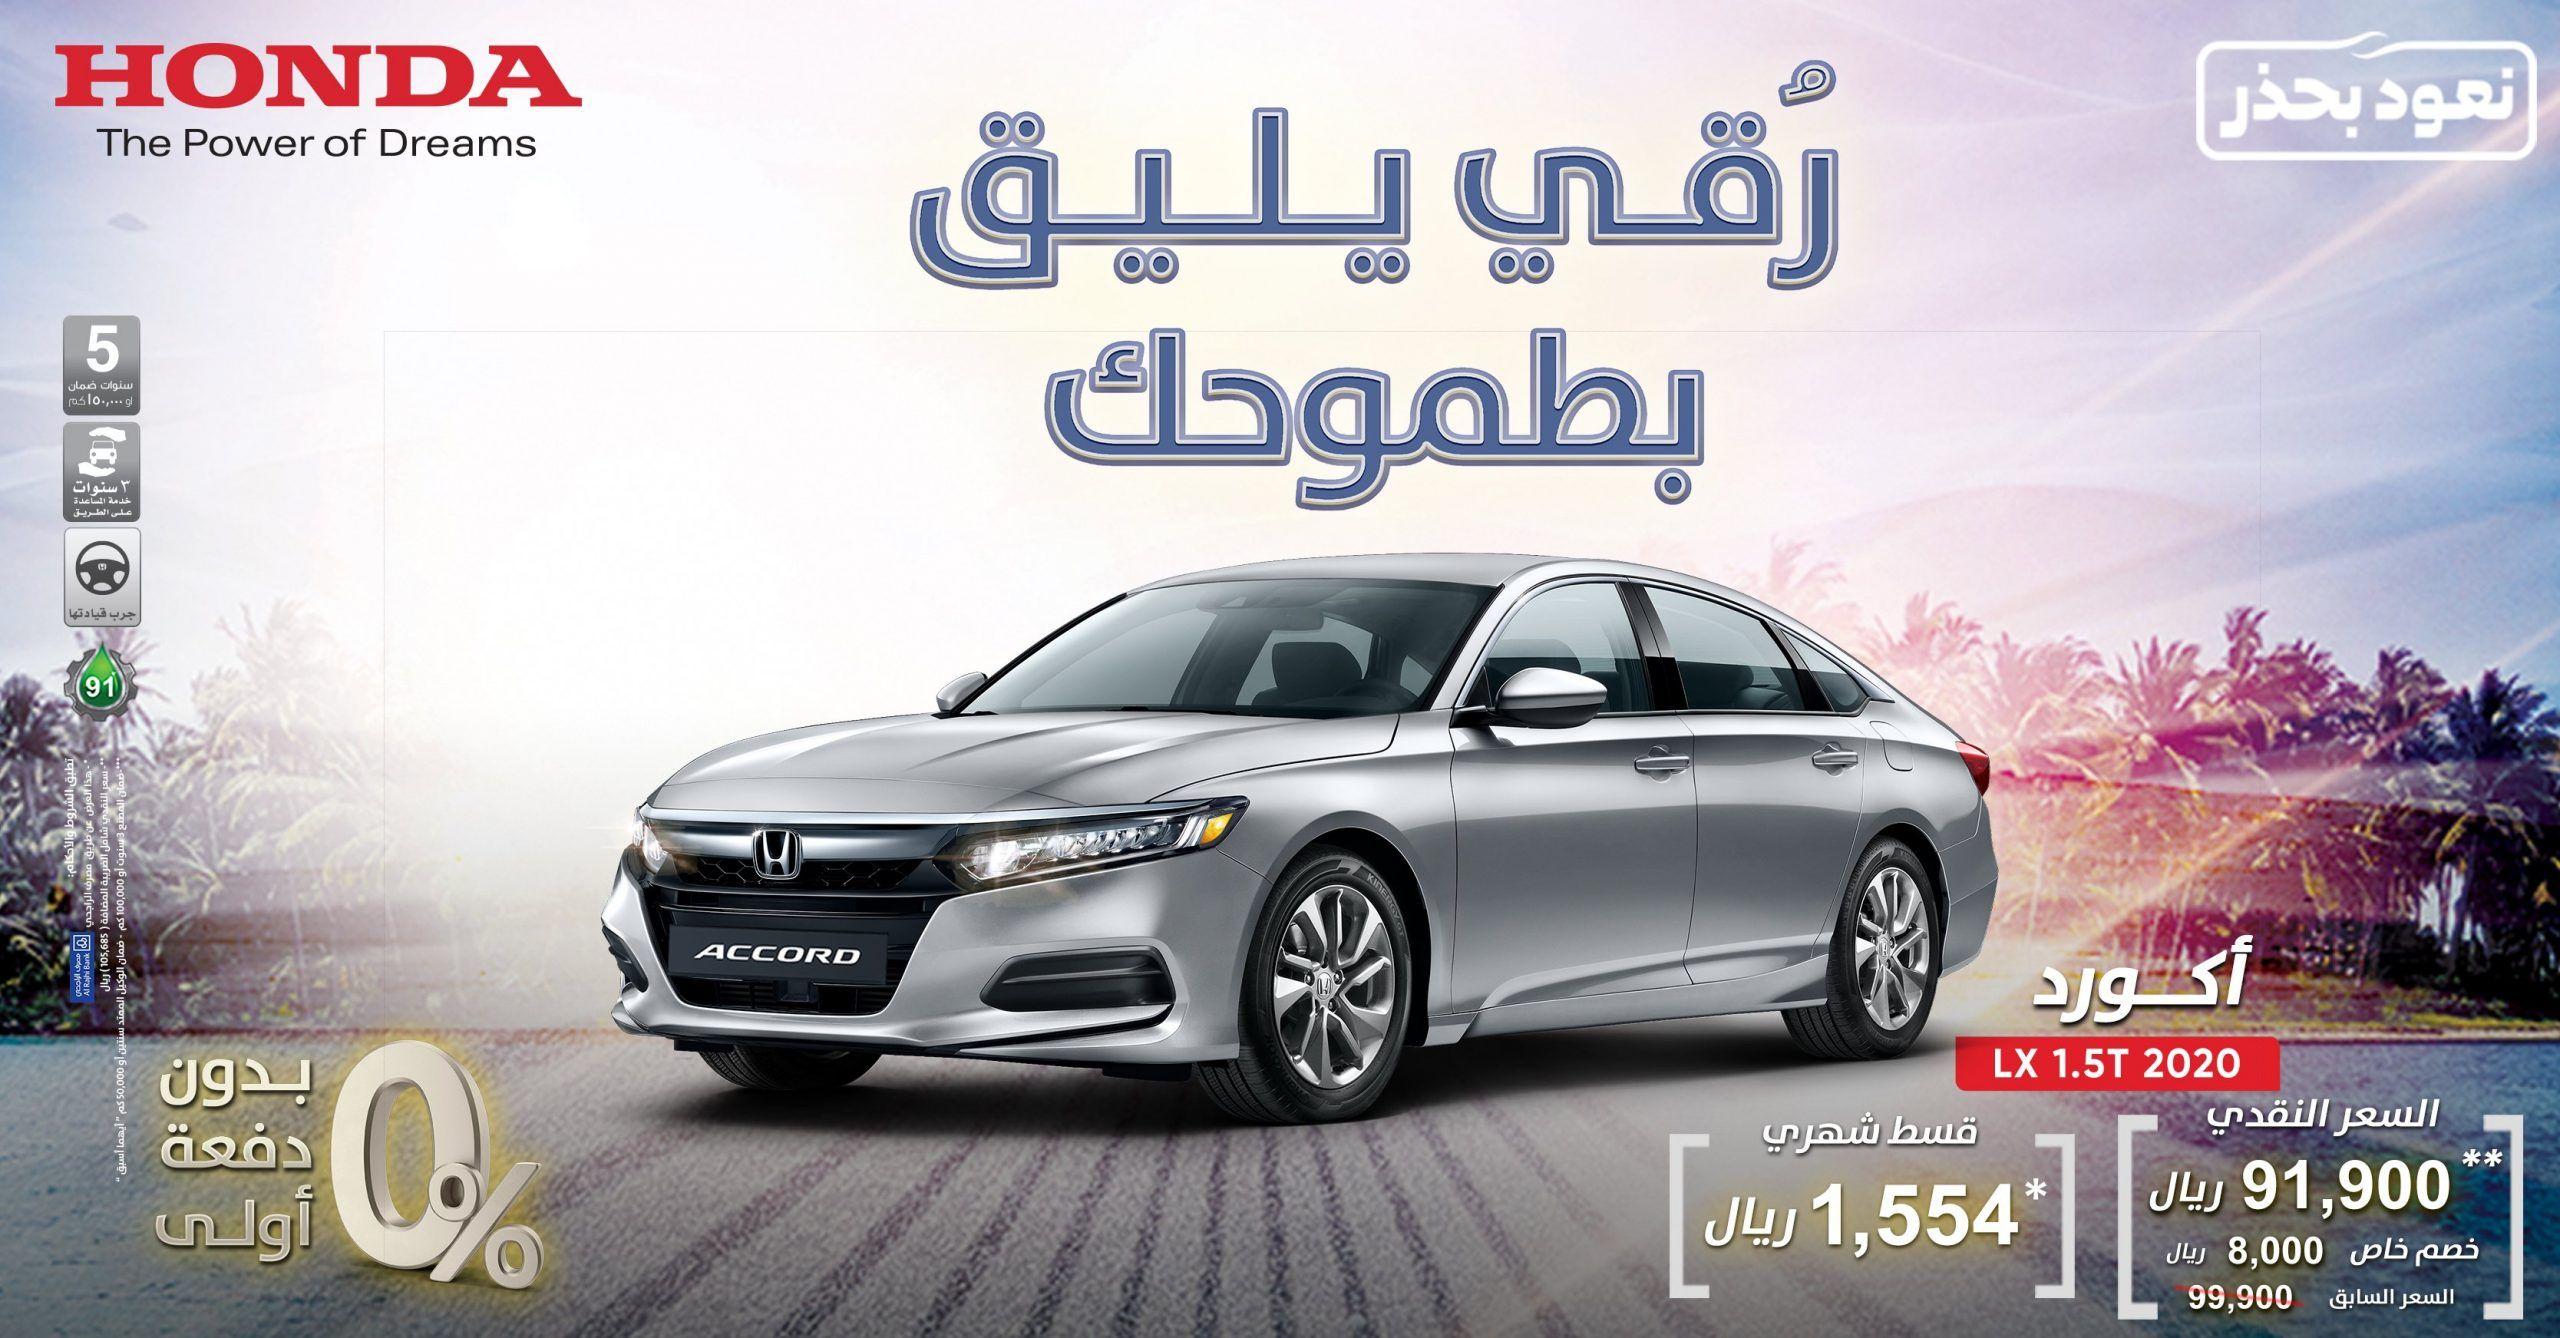 عروض السيارات عرض هوندا السعوديه علي سياره هوندا اكورد 2020 عروض اليوم Honda Bmw Car Suv Car